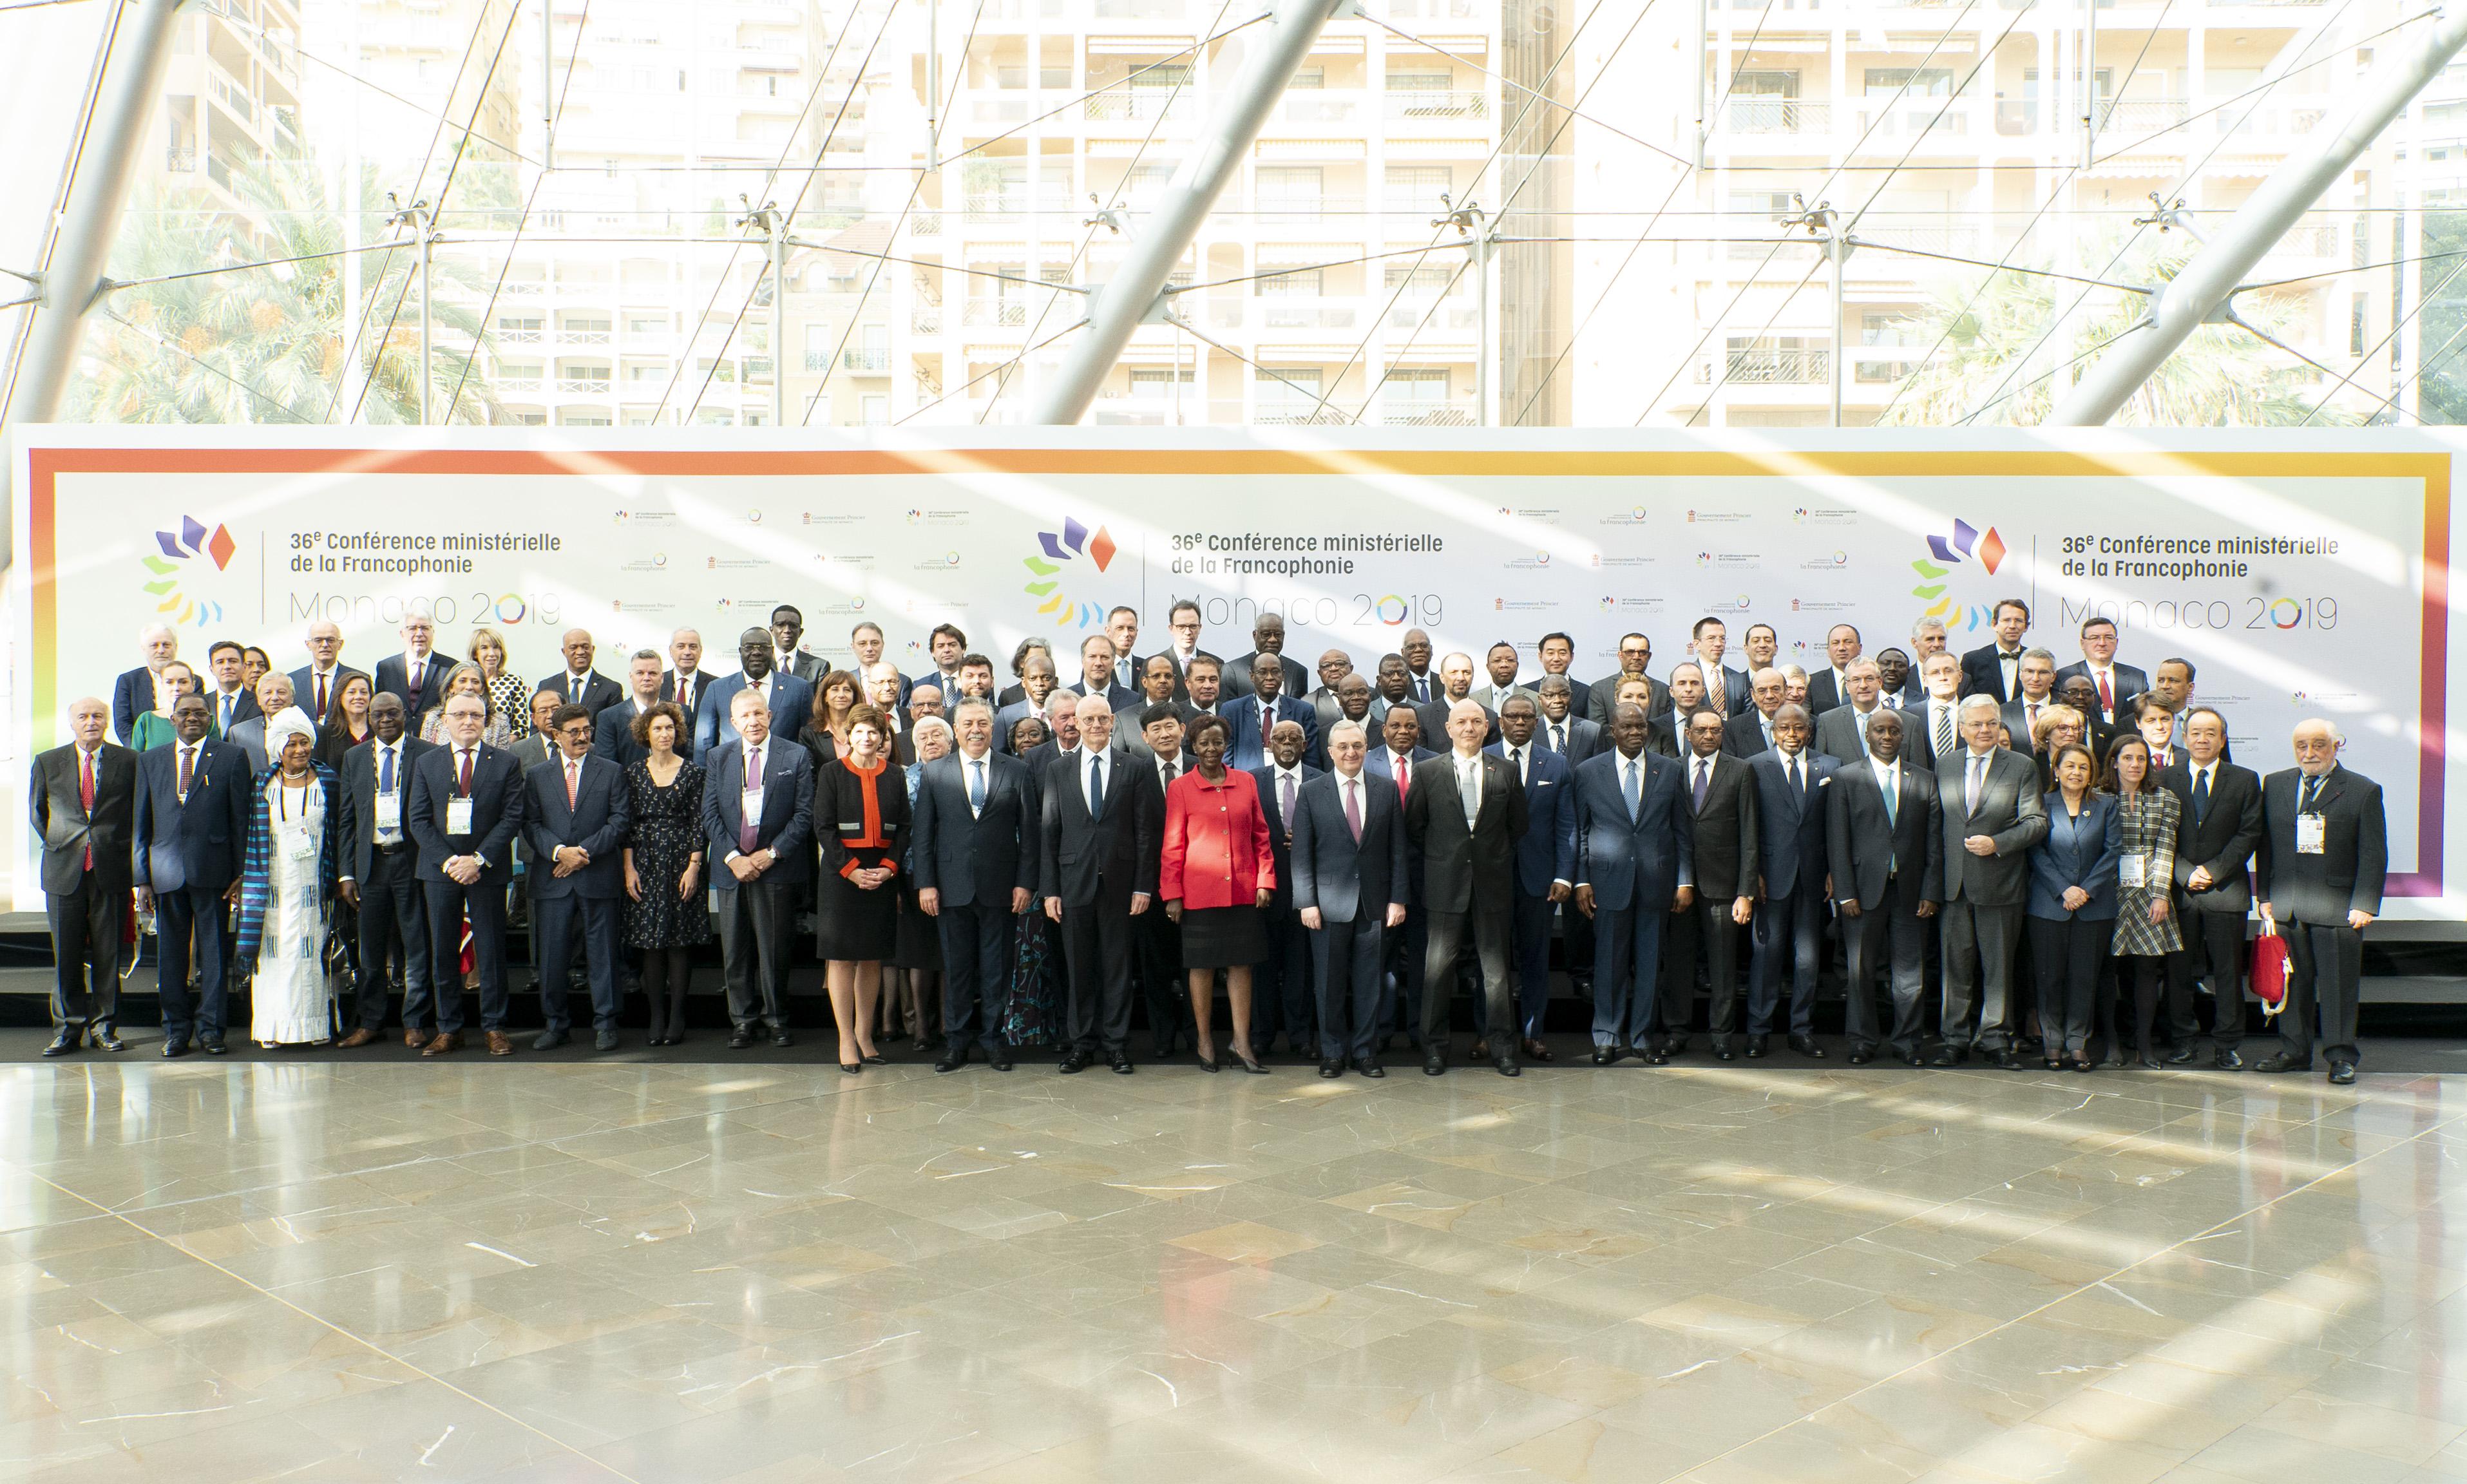 Photo crédit: Antoine Jamonneau. Photo de famille après l'ouverture de la Conference ministérielle.